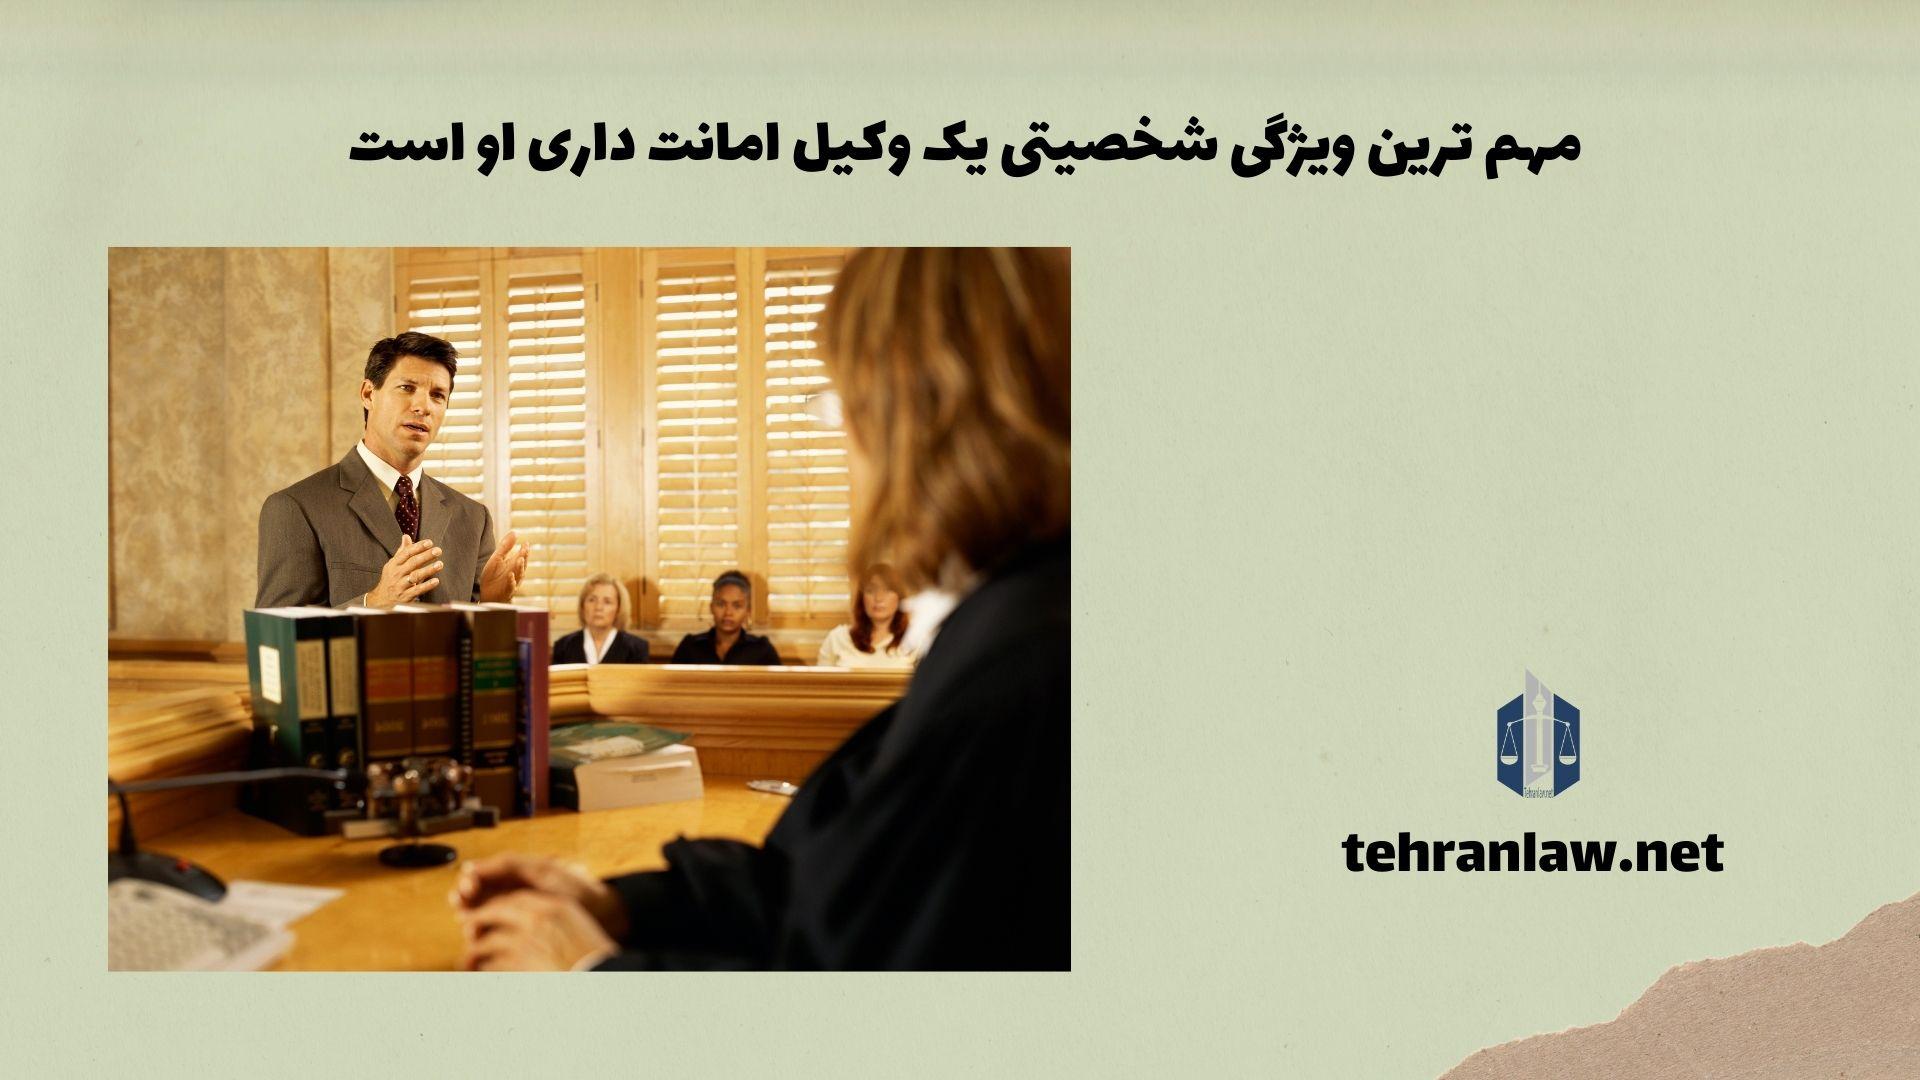 مهم ترین ویژگی شخصیتی یک وکیل امانت داری او است